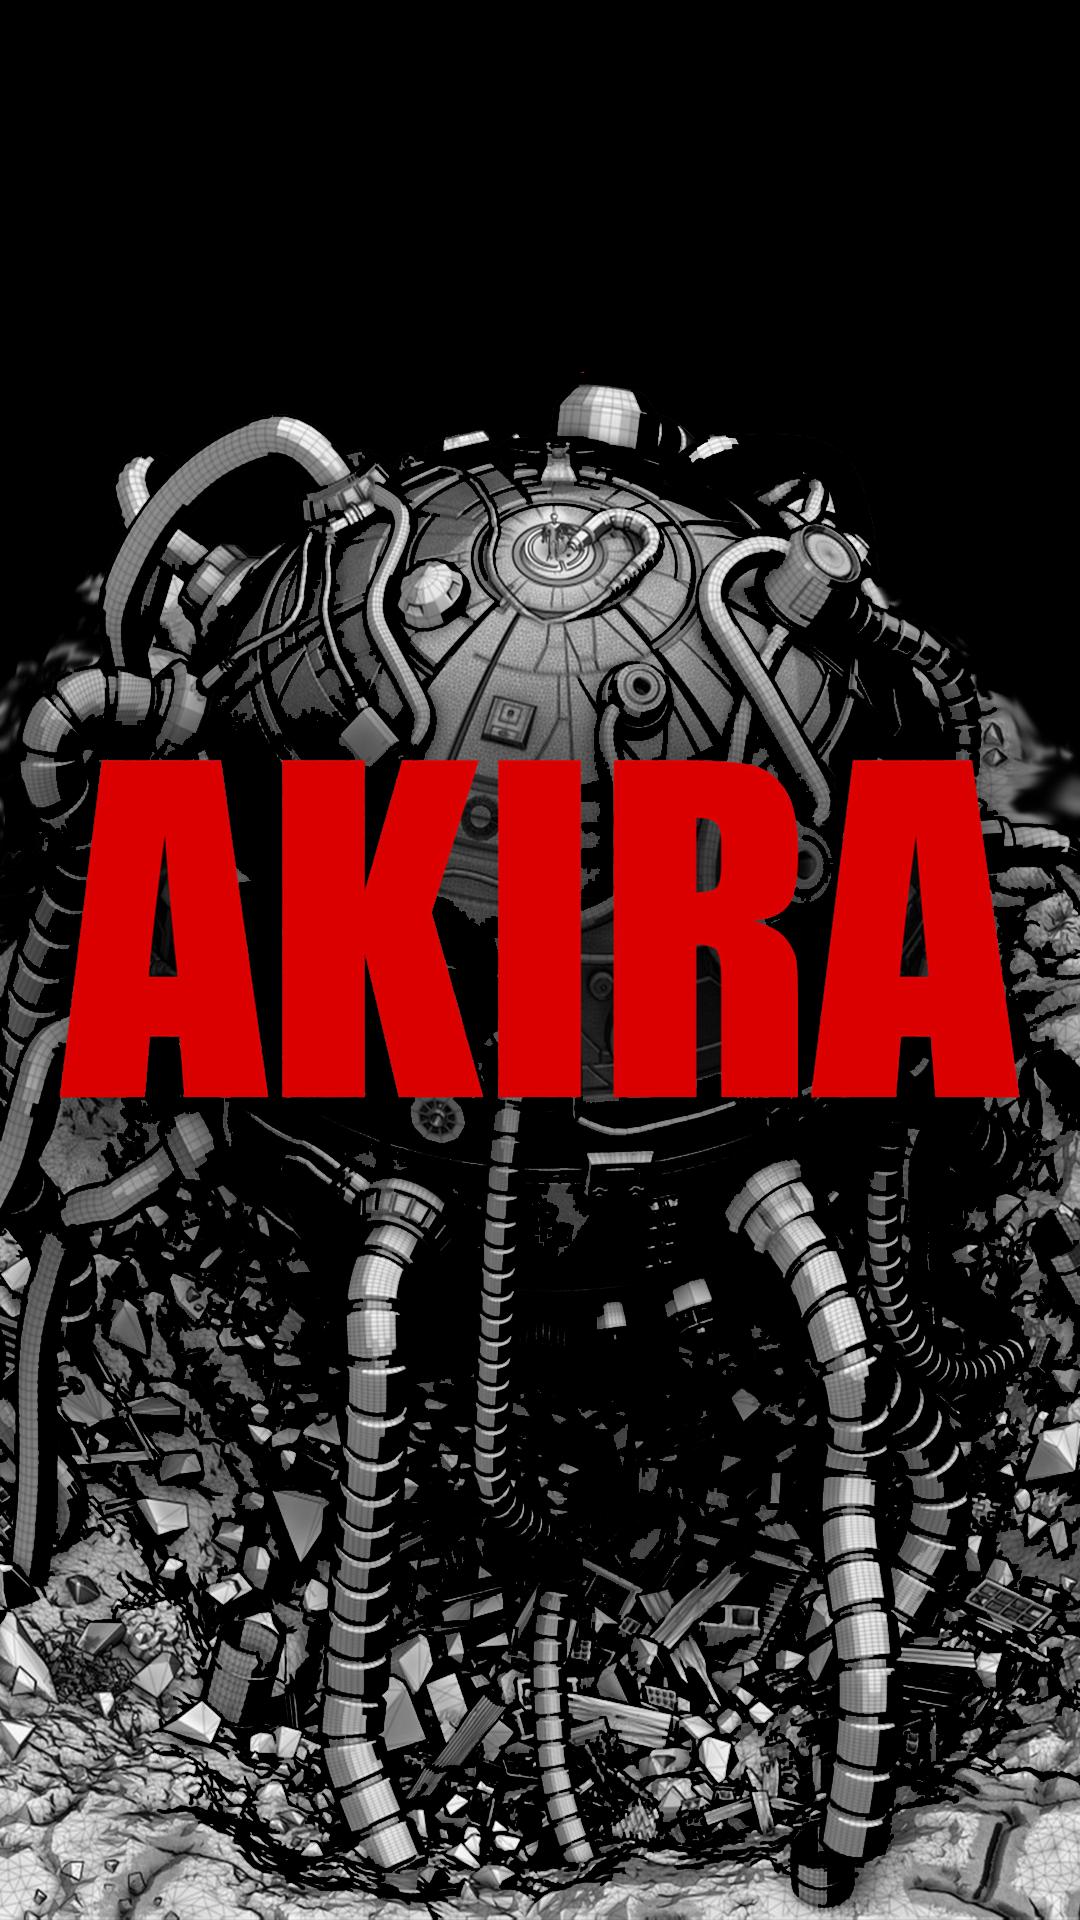 20 Akira Mobile Wallpapers Heroscreen